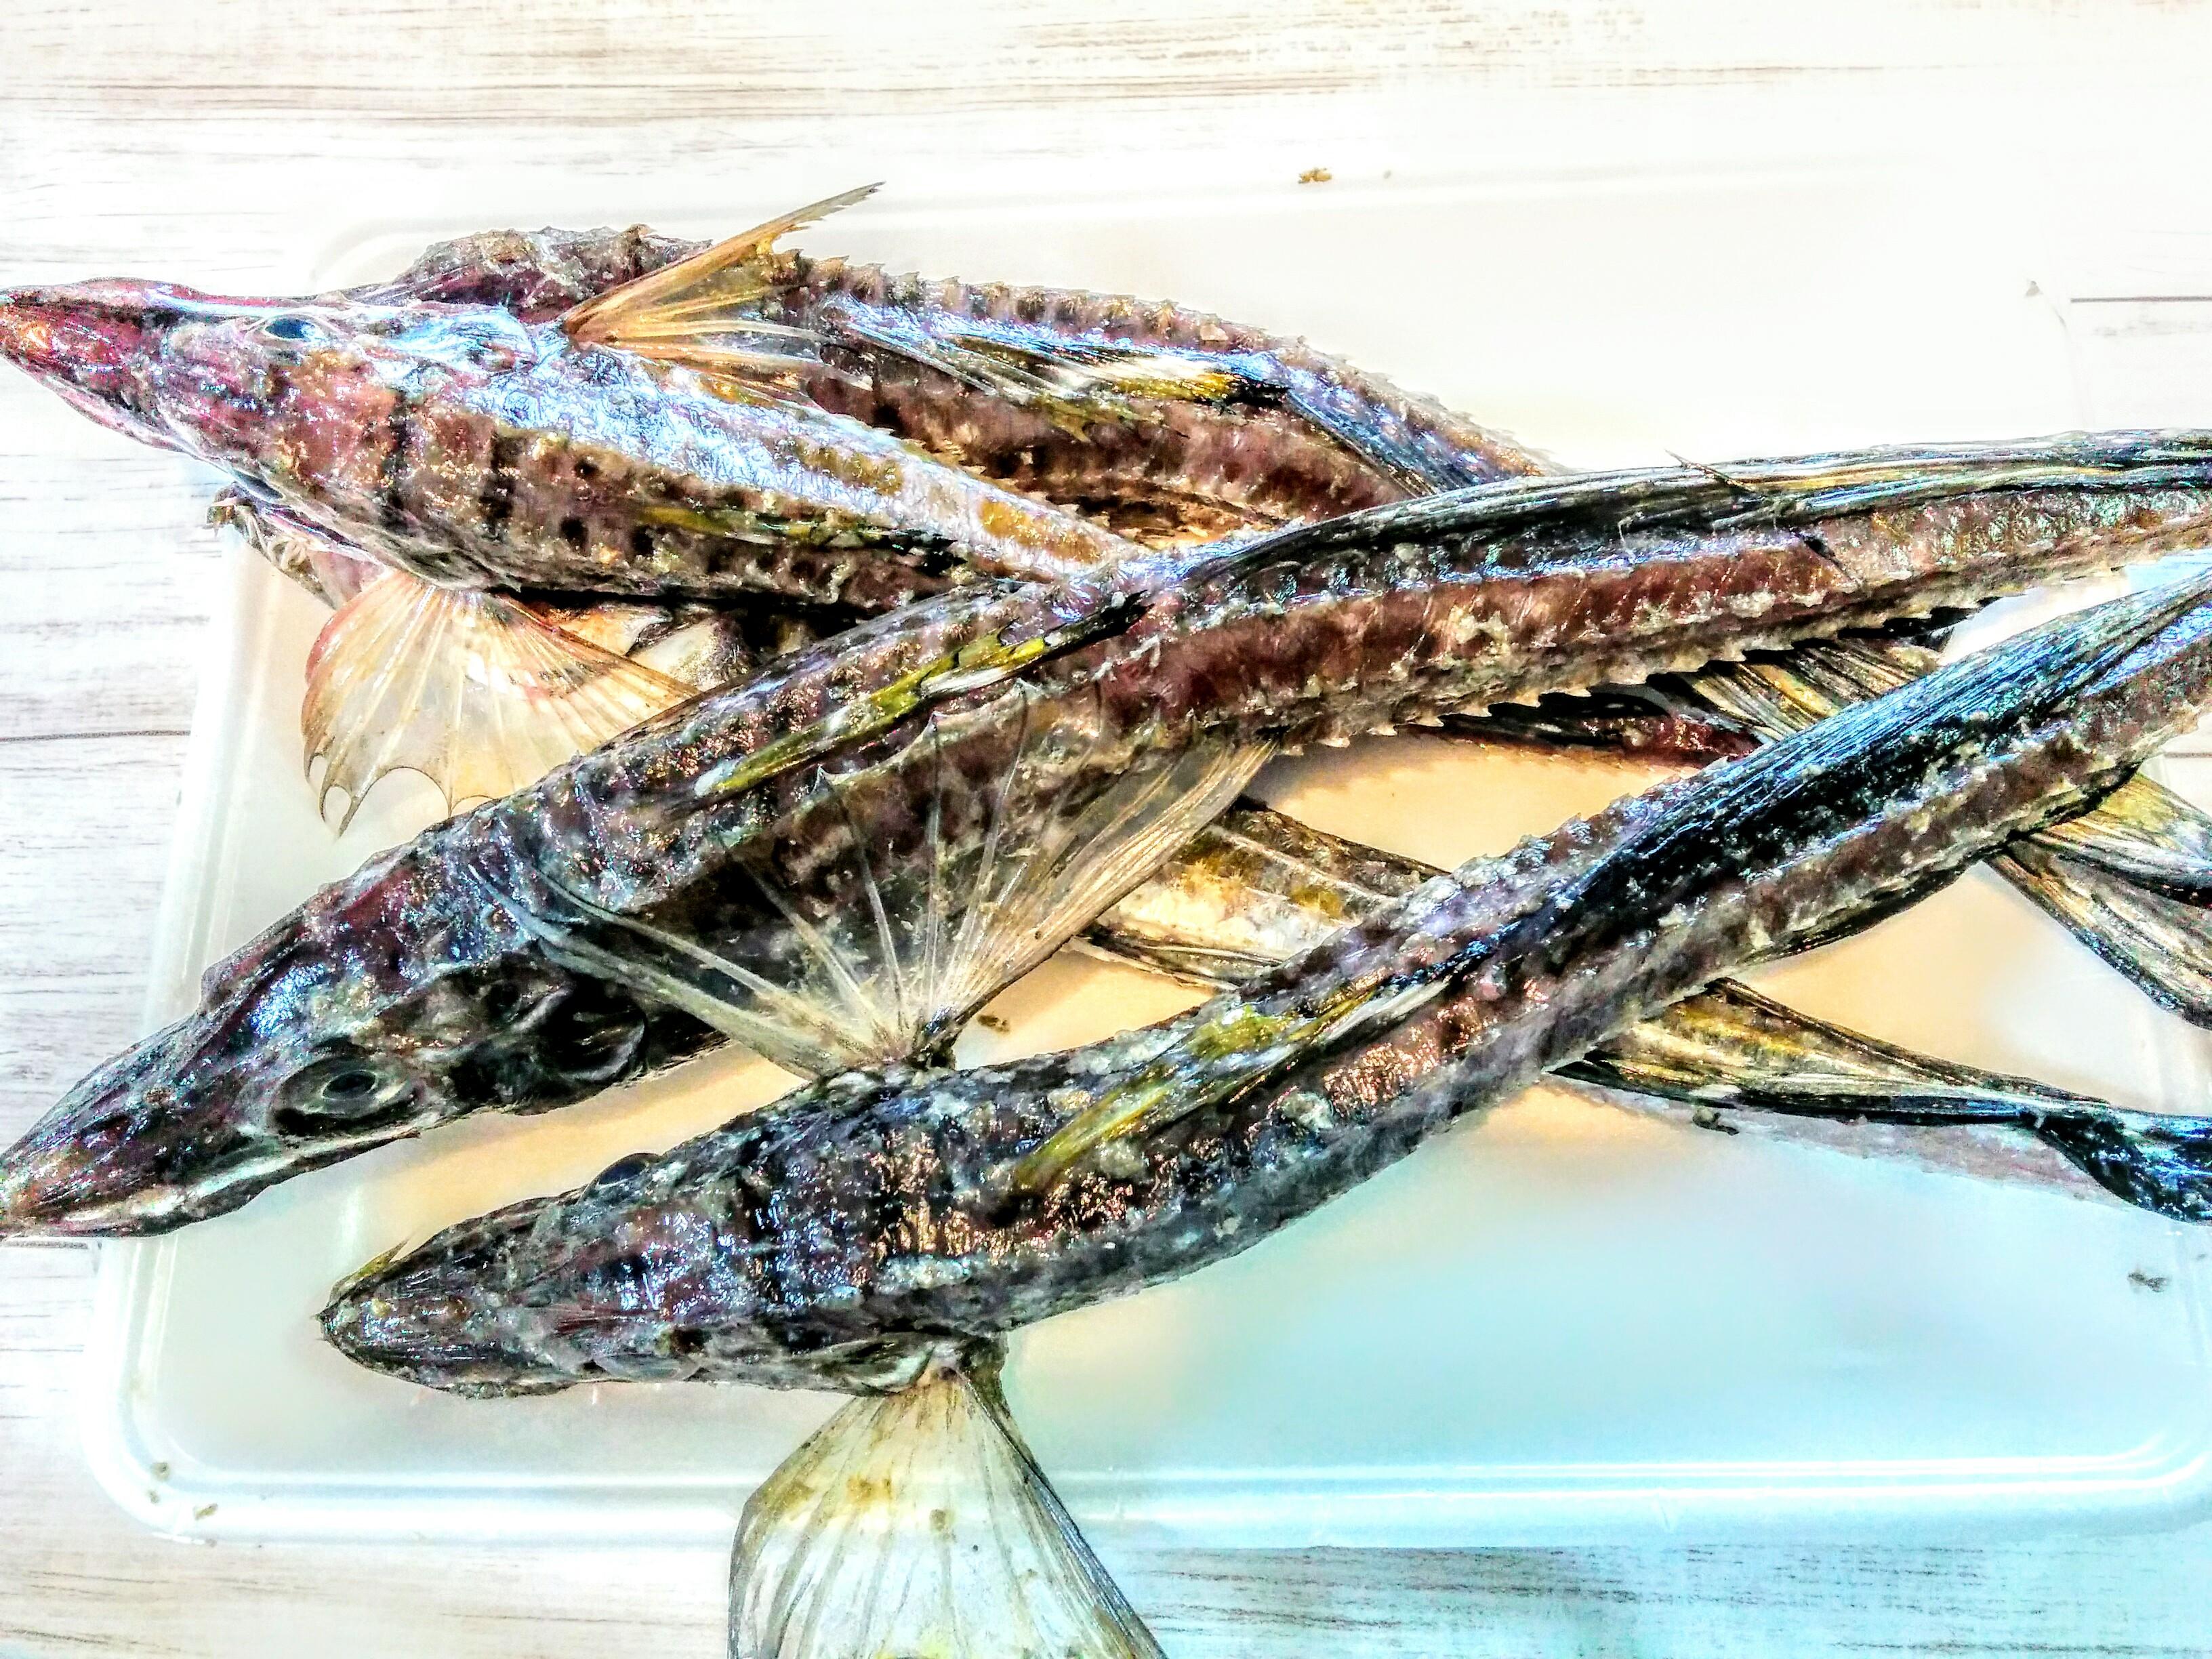 【北海道の魚】ハッカク(八角)の案内です。